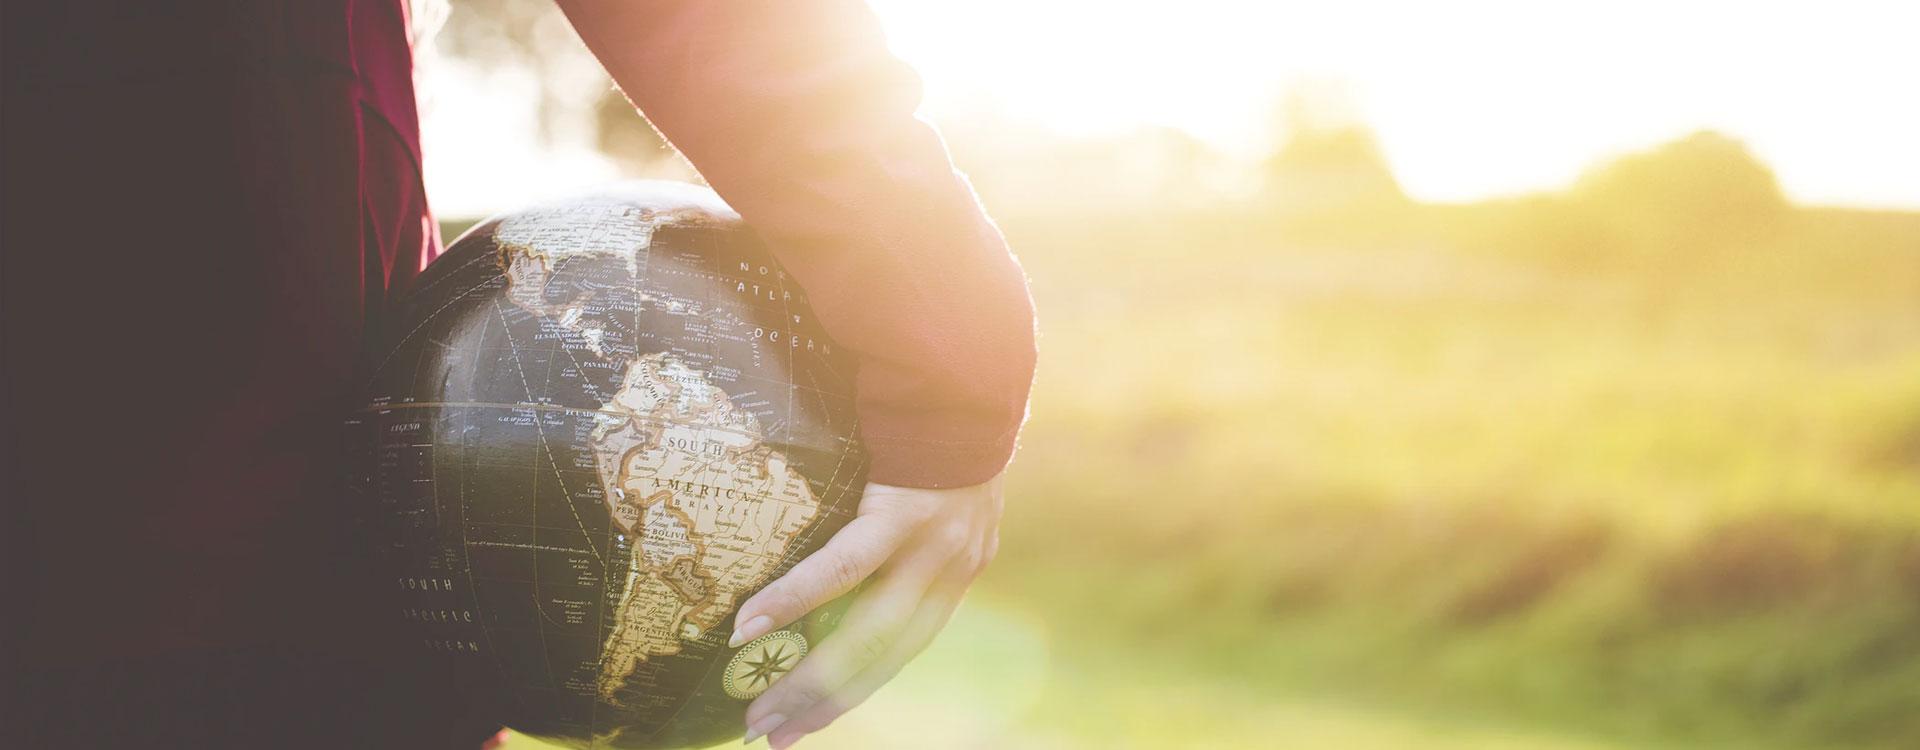 Du willst die Welt transformieren? Wir auch! –startupyourlifie